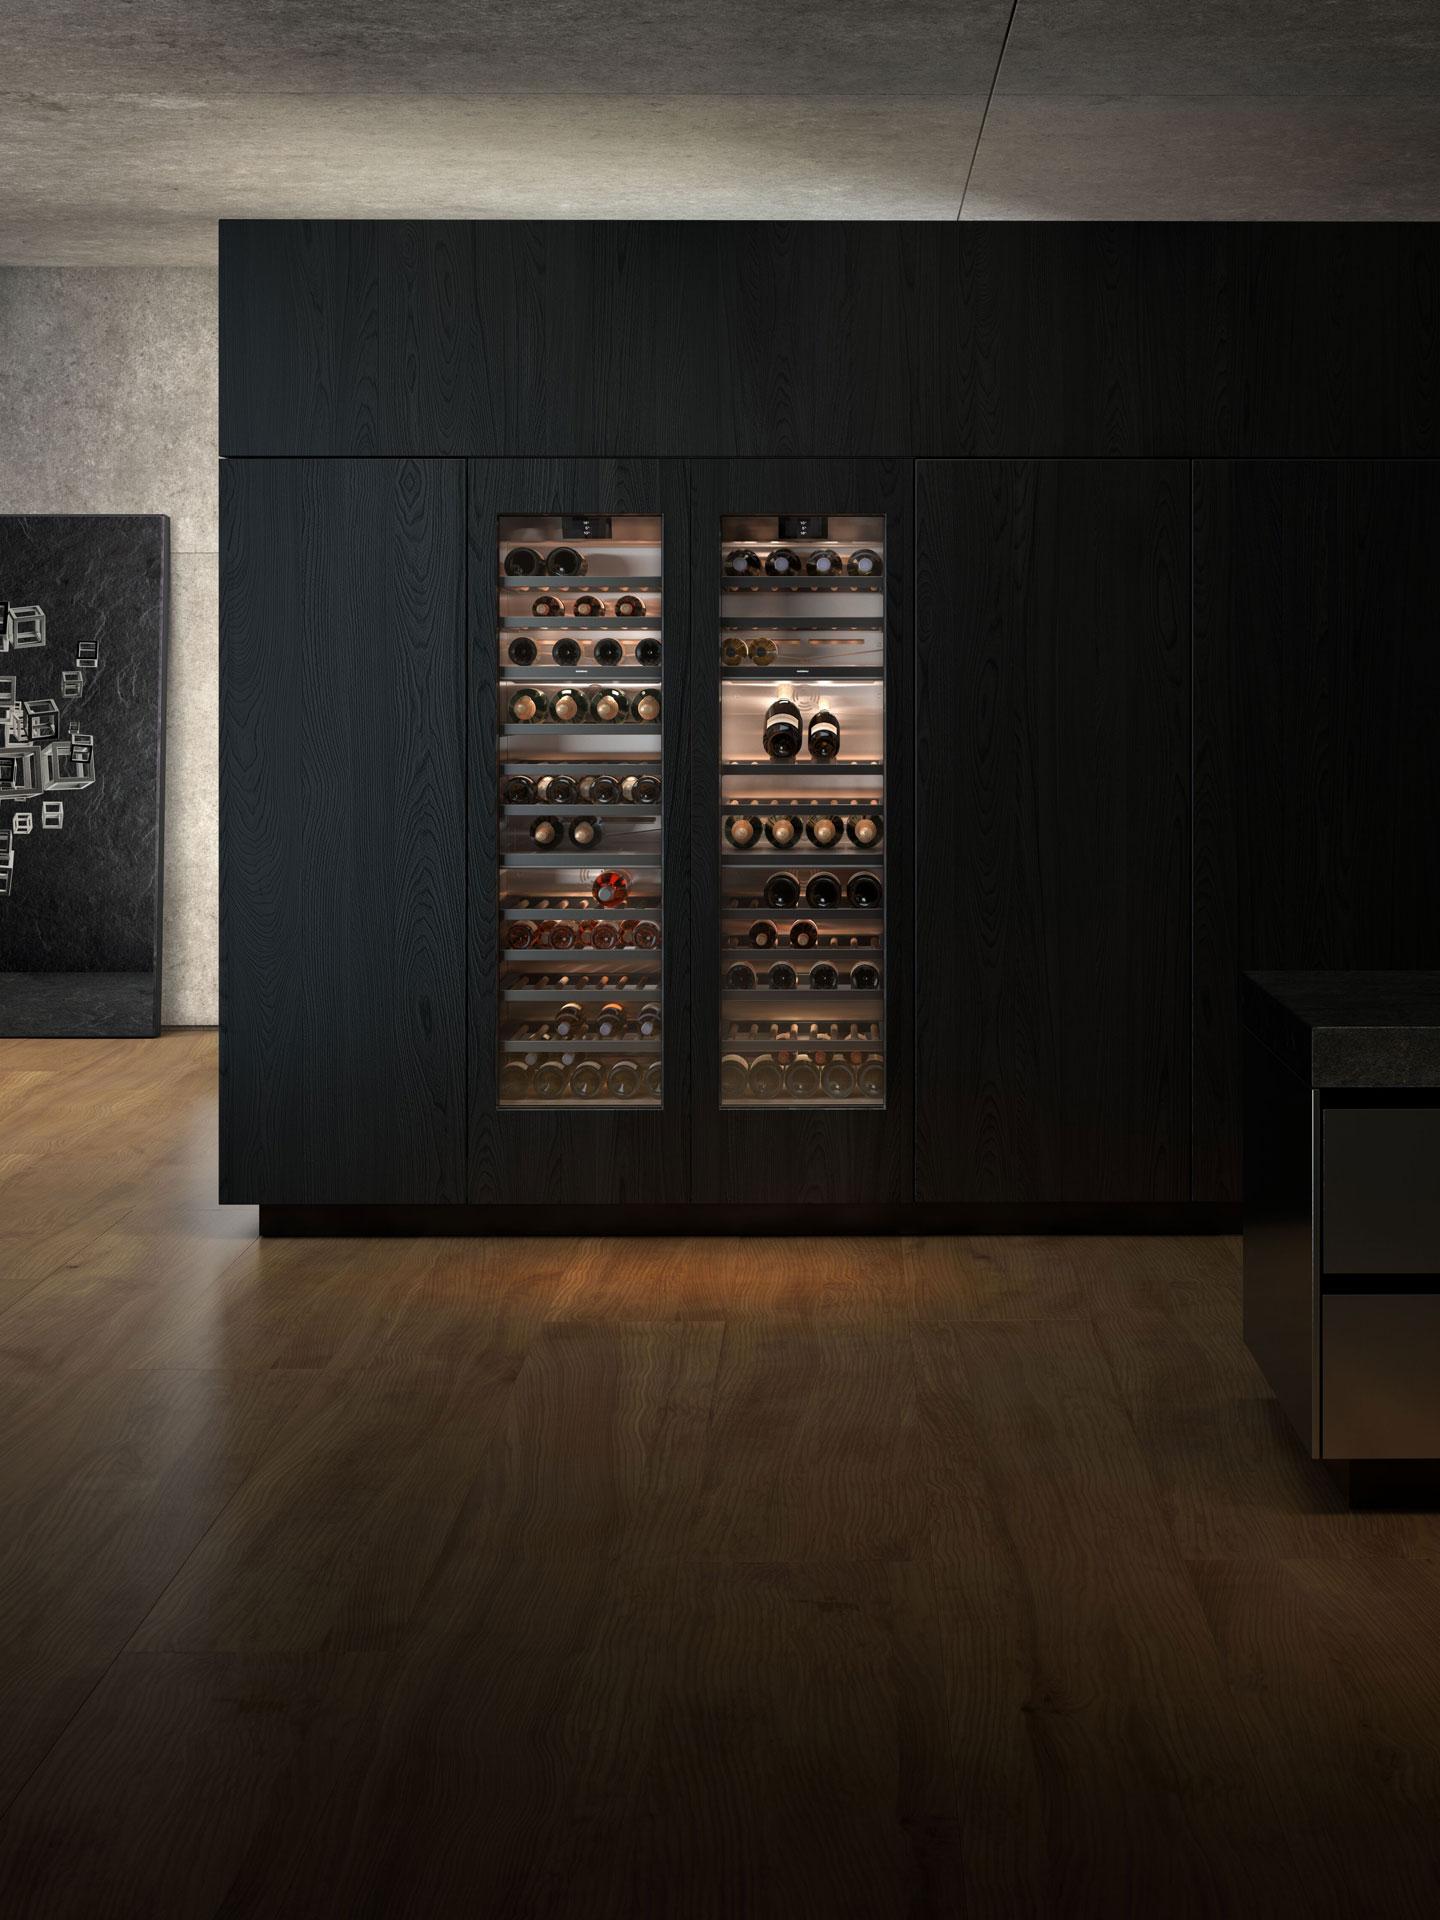 Zwei Gaggenau Vario Weinkühlschrank mit Glastür Serie 400 und Weinflaschen darin